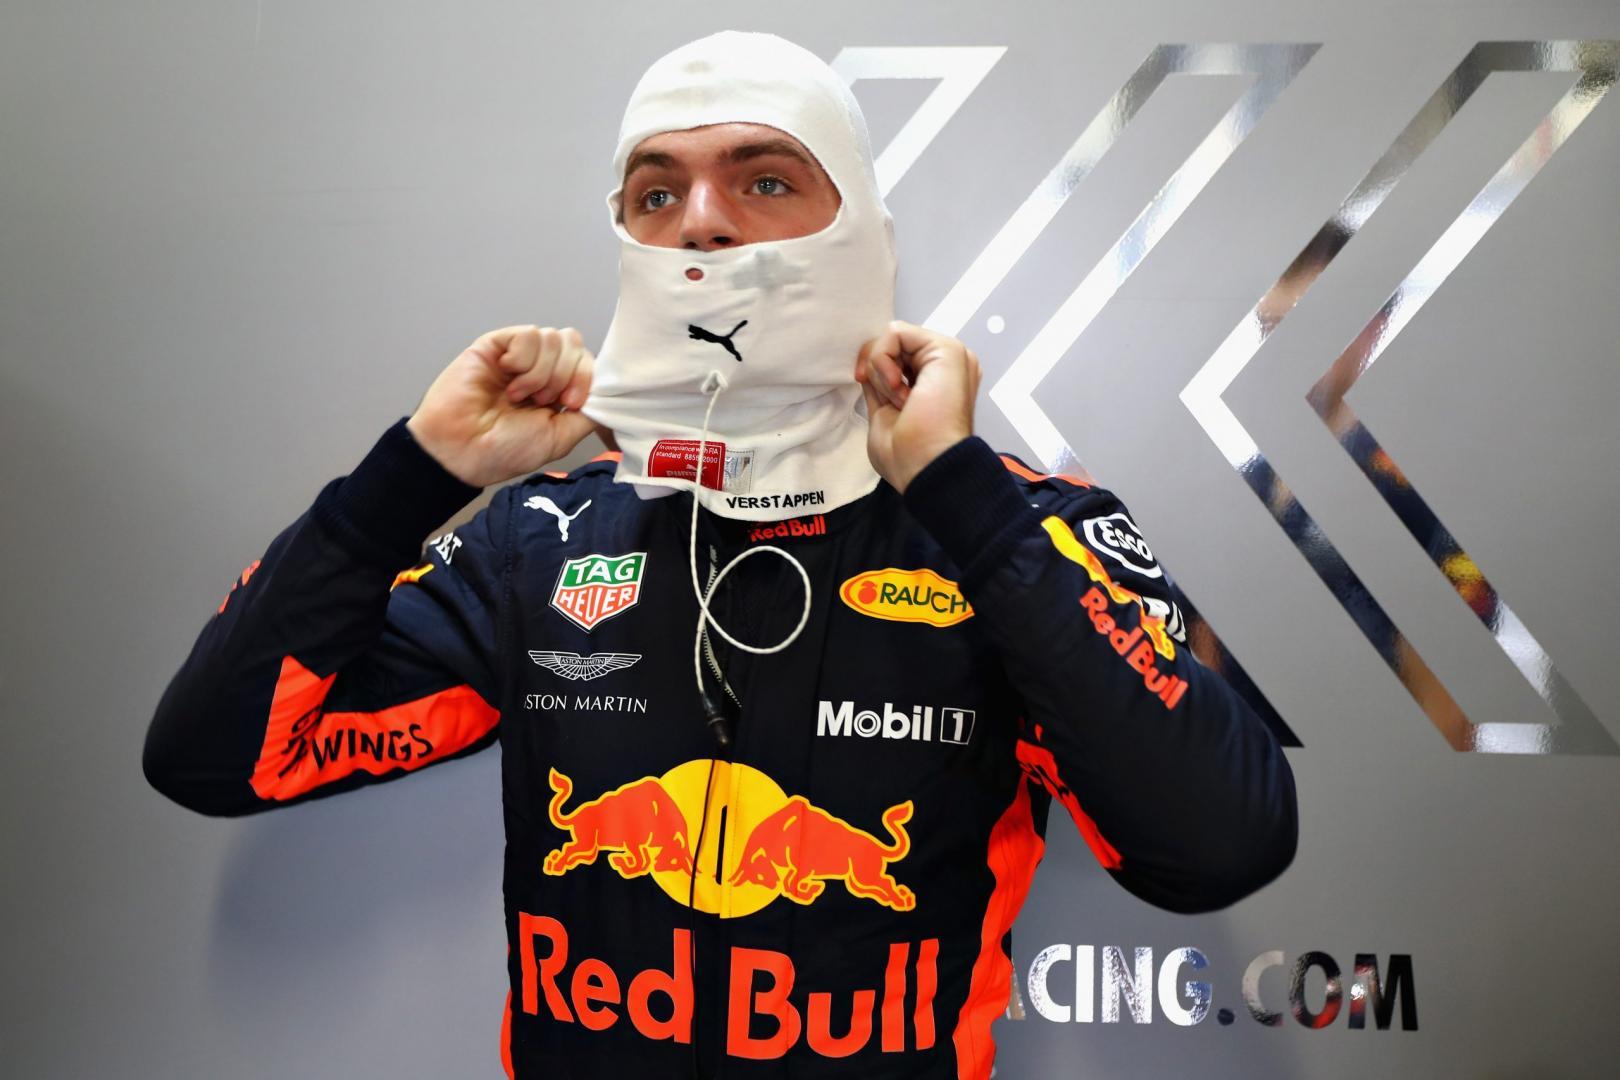 Max Verstappen de gevolgen van de gp van rusland 2018